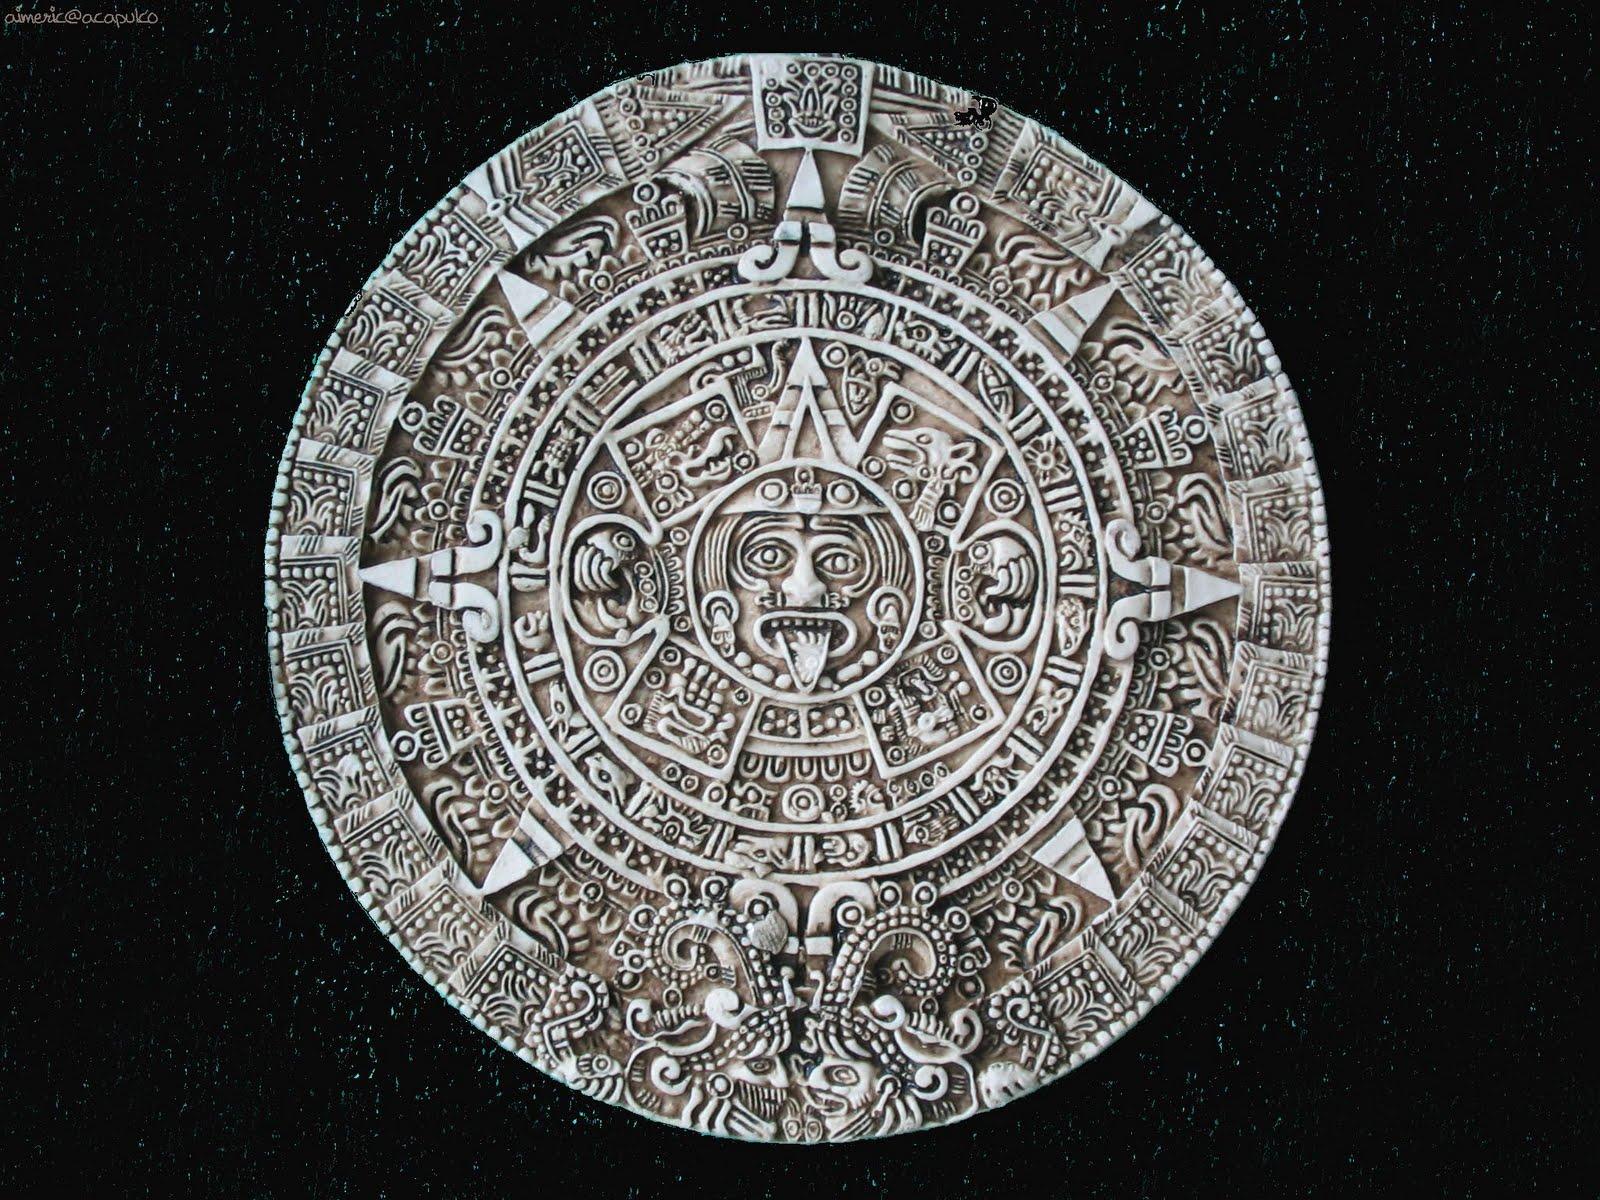 Mayan Calendar Wallpaper : The varun s perspective